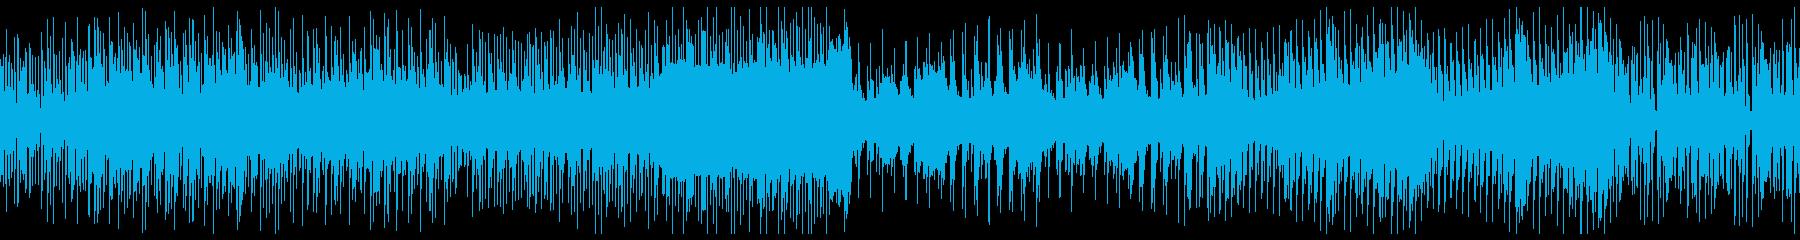 ノリの良いチップチューンのループの再生済みの波形